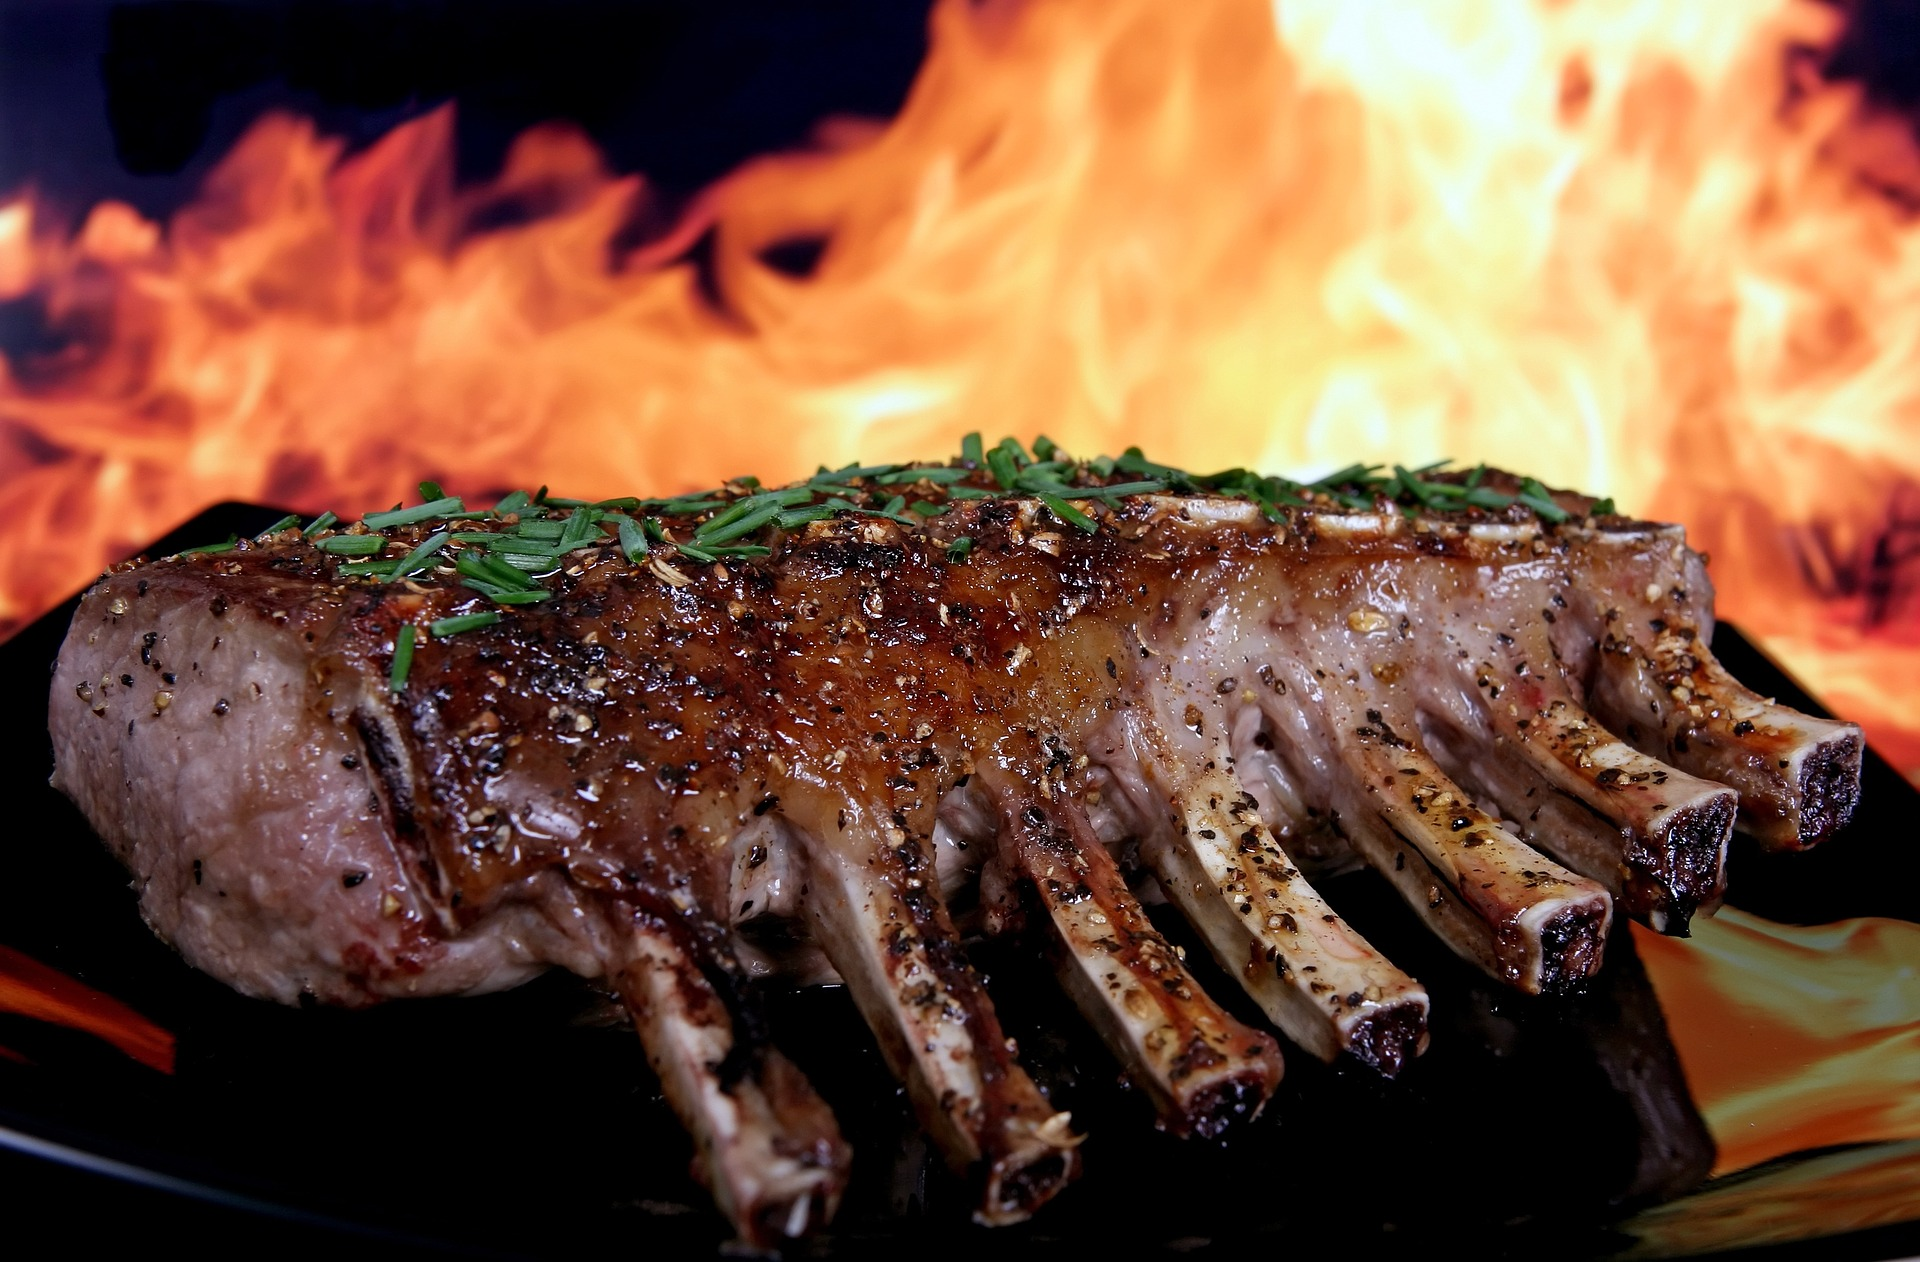 Costela de porco com chama de fogo ao fundo.